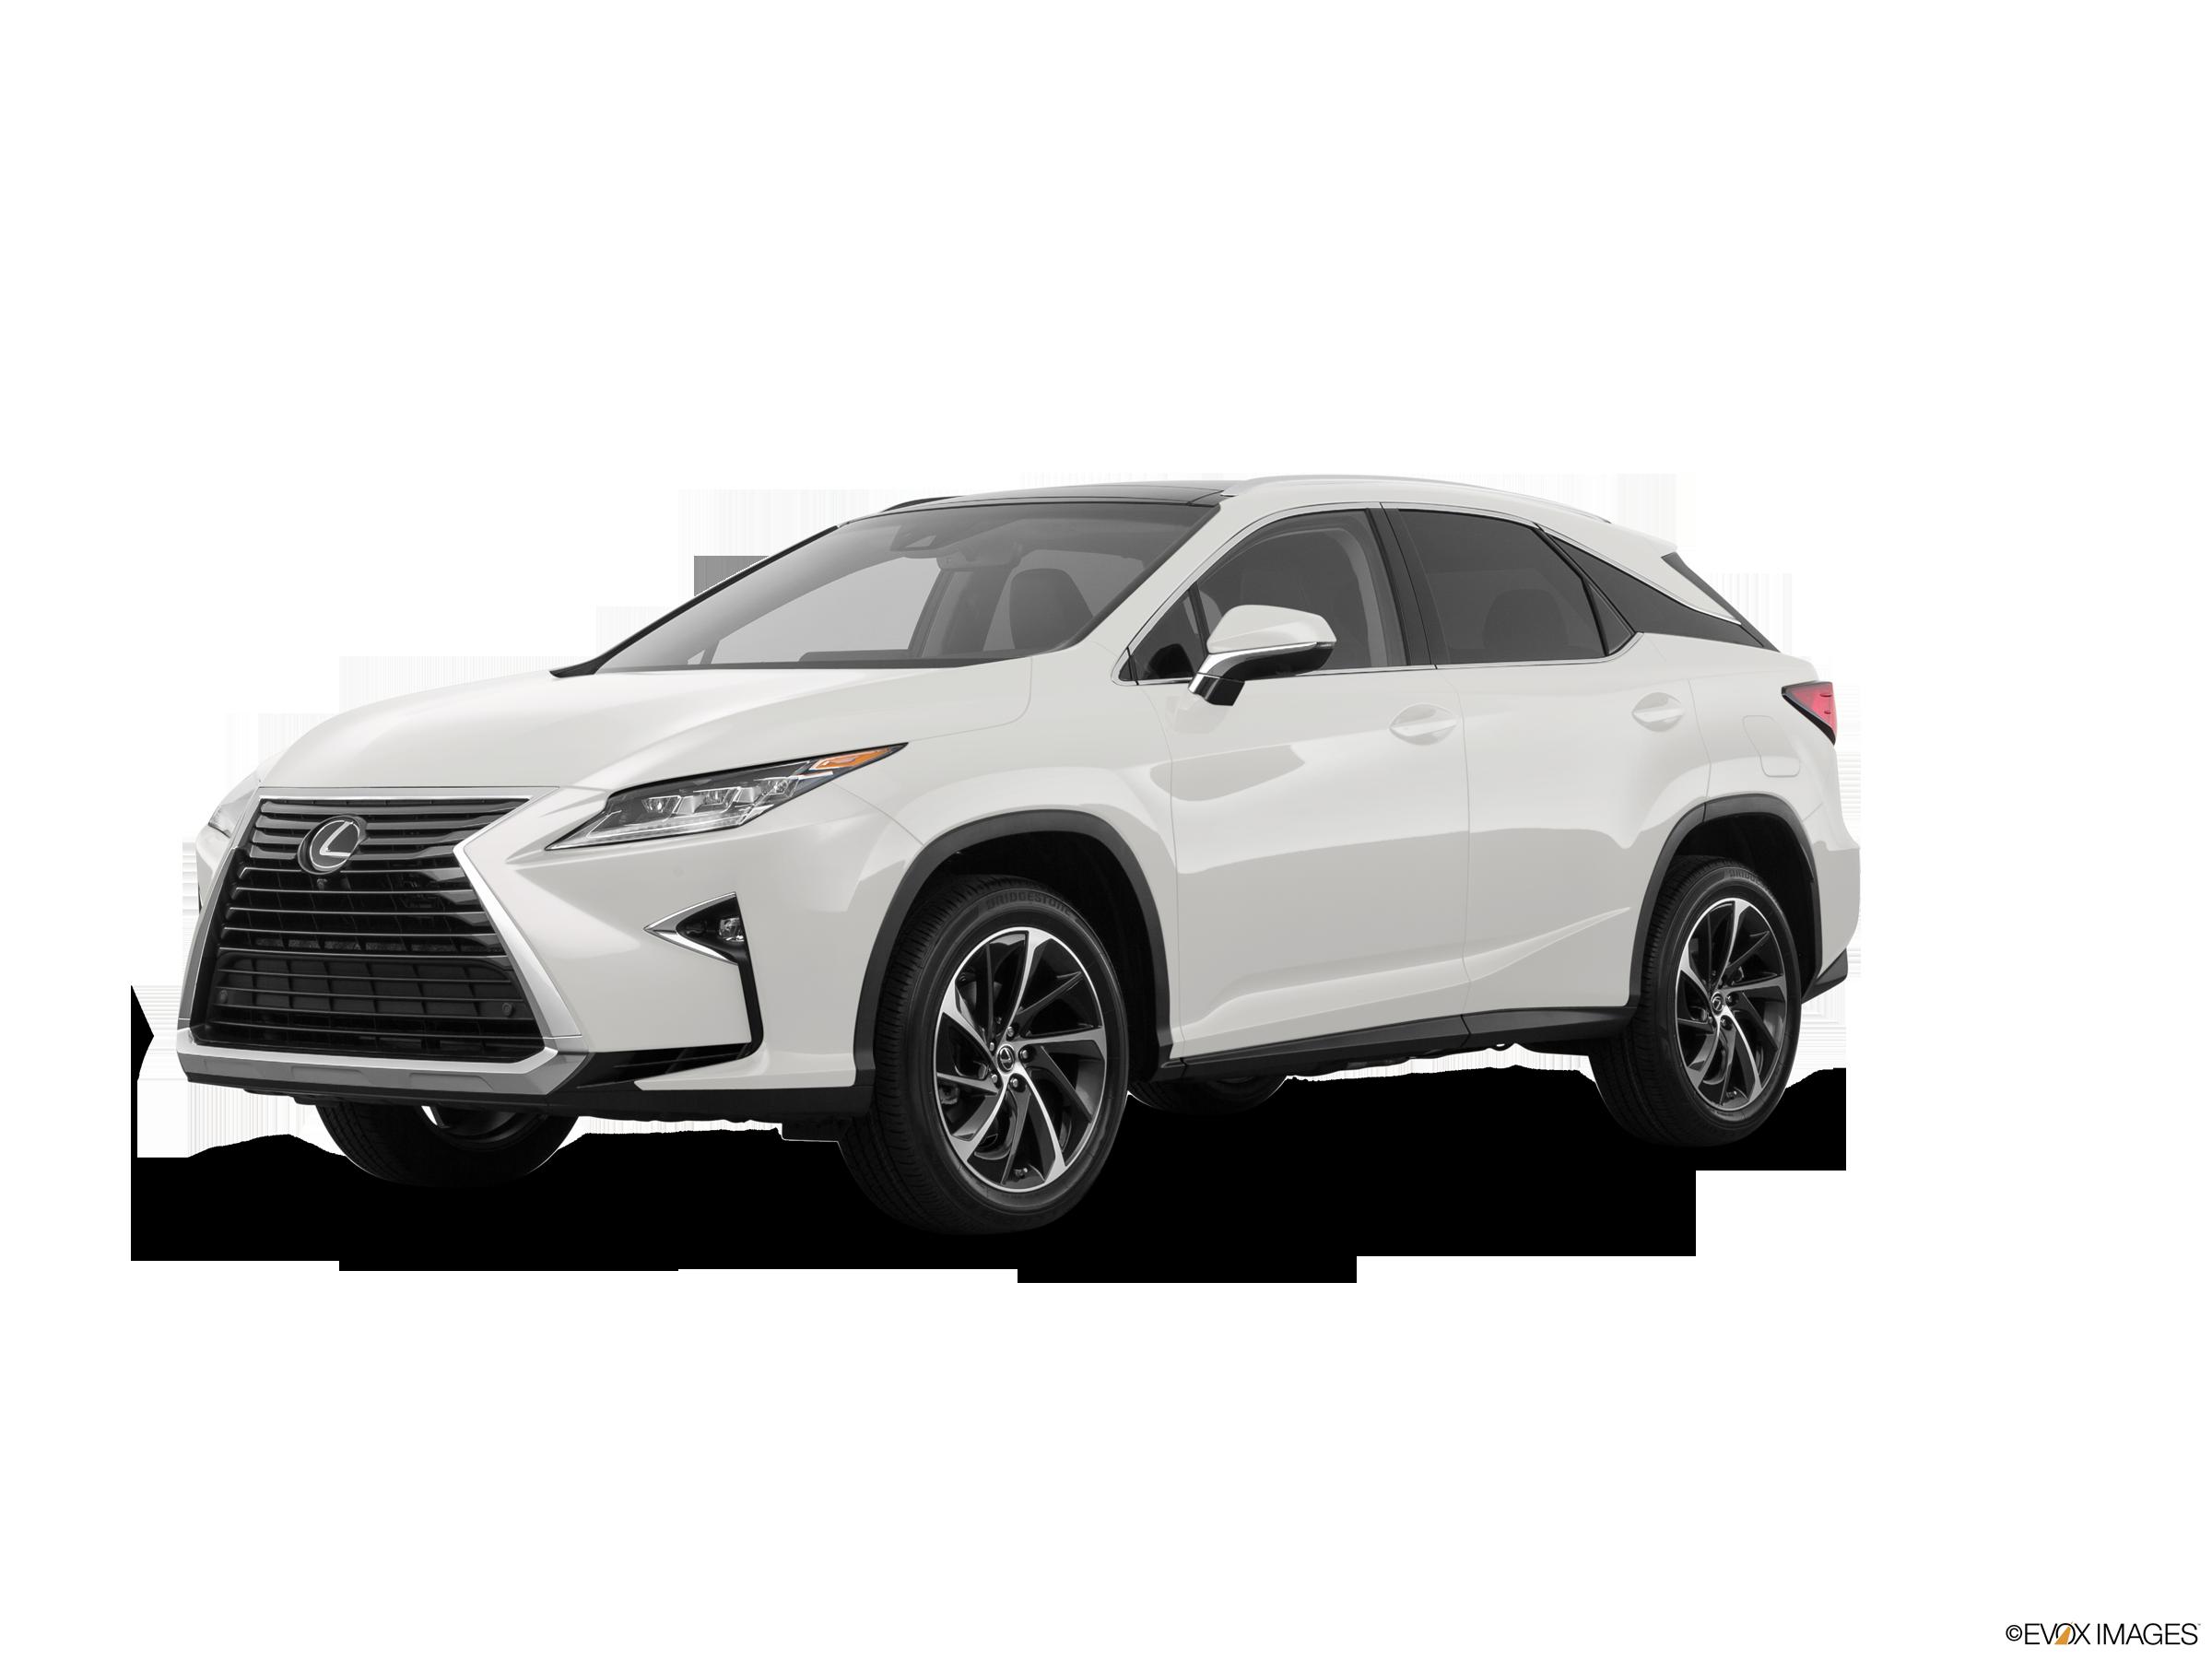 2019 Lexus Rx Prices Reviews Pictures Kelley Blue Book